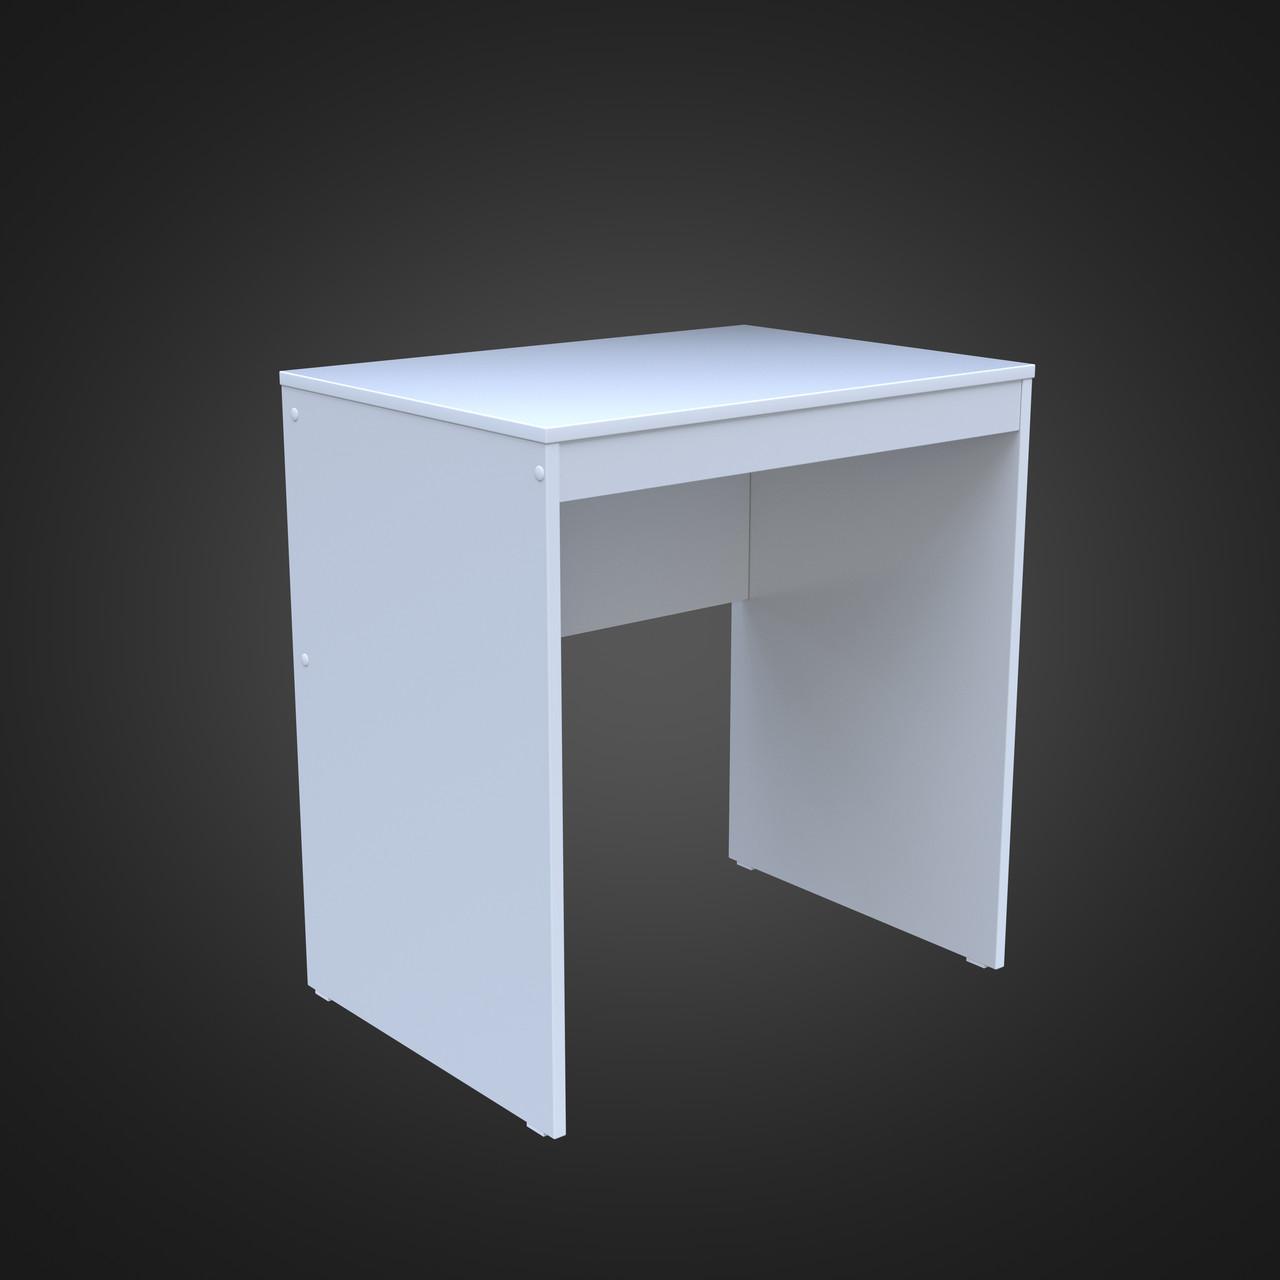 Стол для макияжного зеркала 700 мм   Стіл для макияжного дзеркала 700 мм